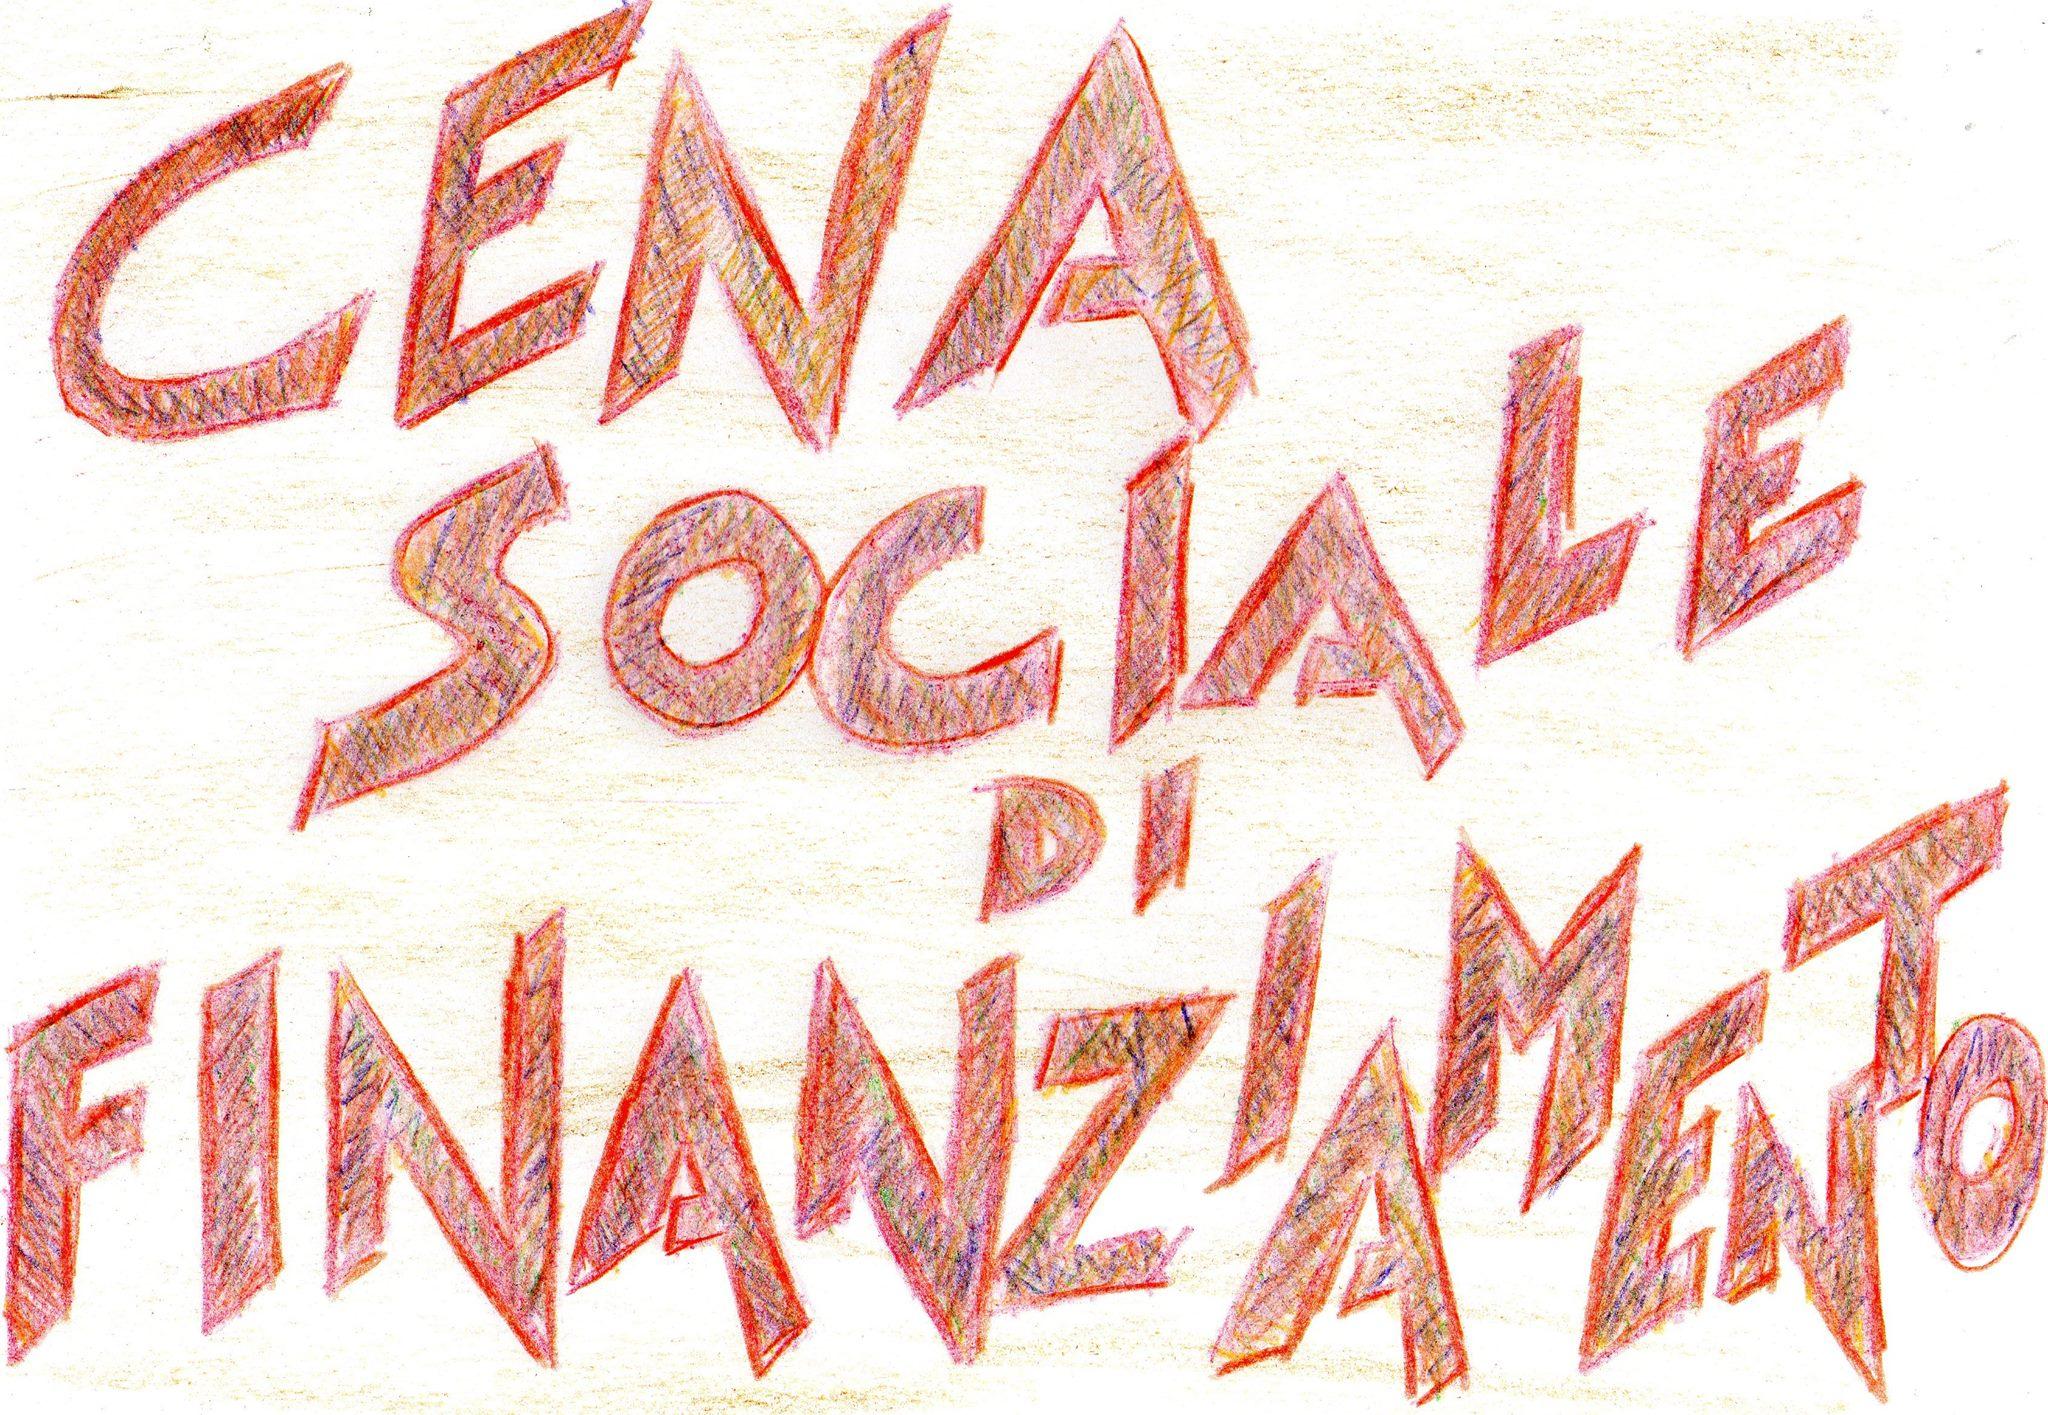 Cena Sociale Comitato Difesa e Territorio